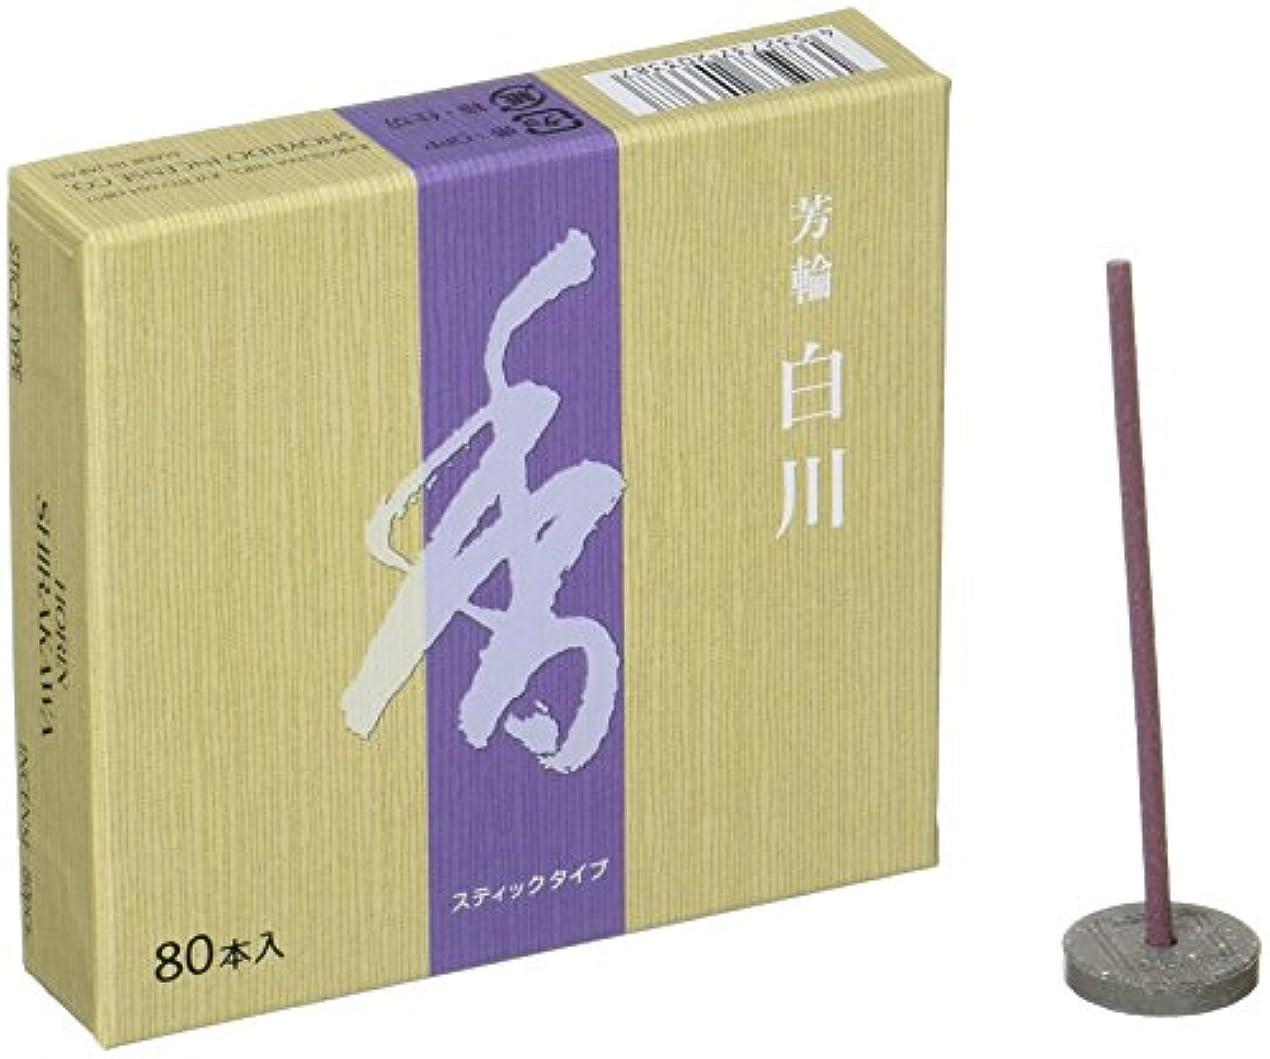 強制ギャンブル四芳輪シリーズ 白川スティック80本入 83×90×22